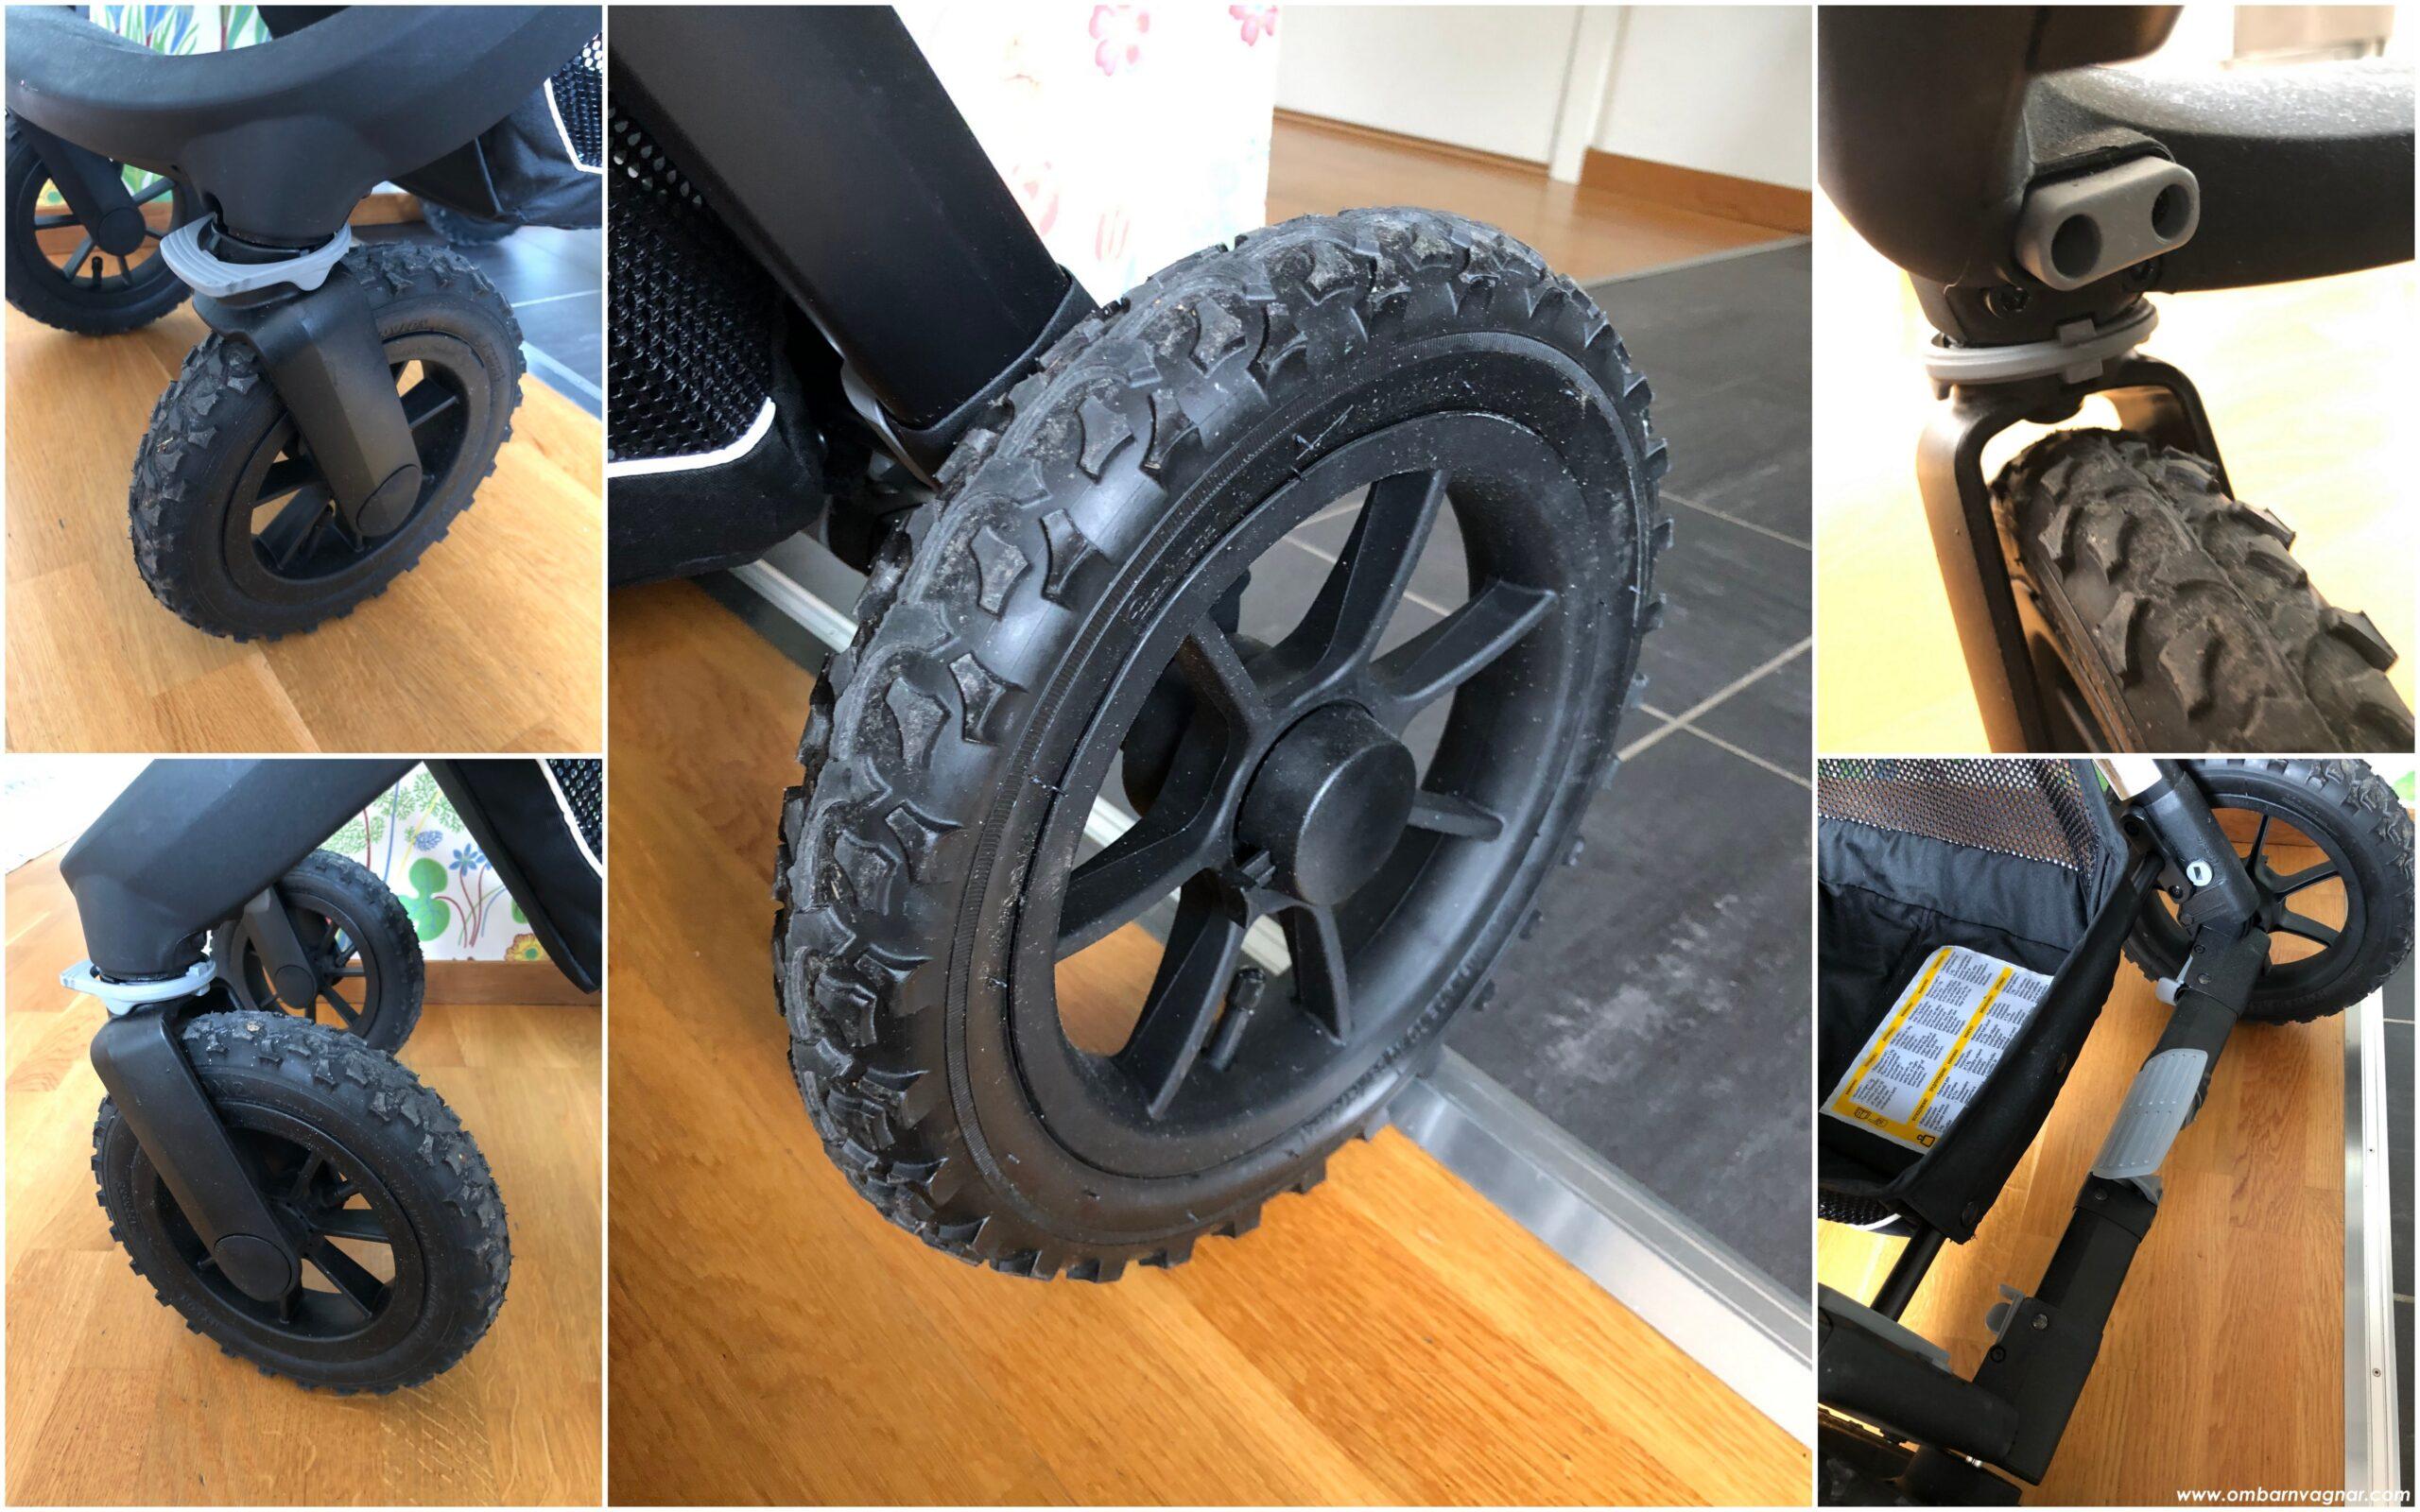 Emmaljunga NXT90 Outdoor med stora lufthjul med bra grepp för terräng